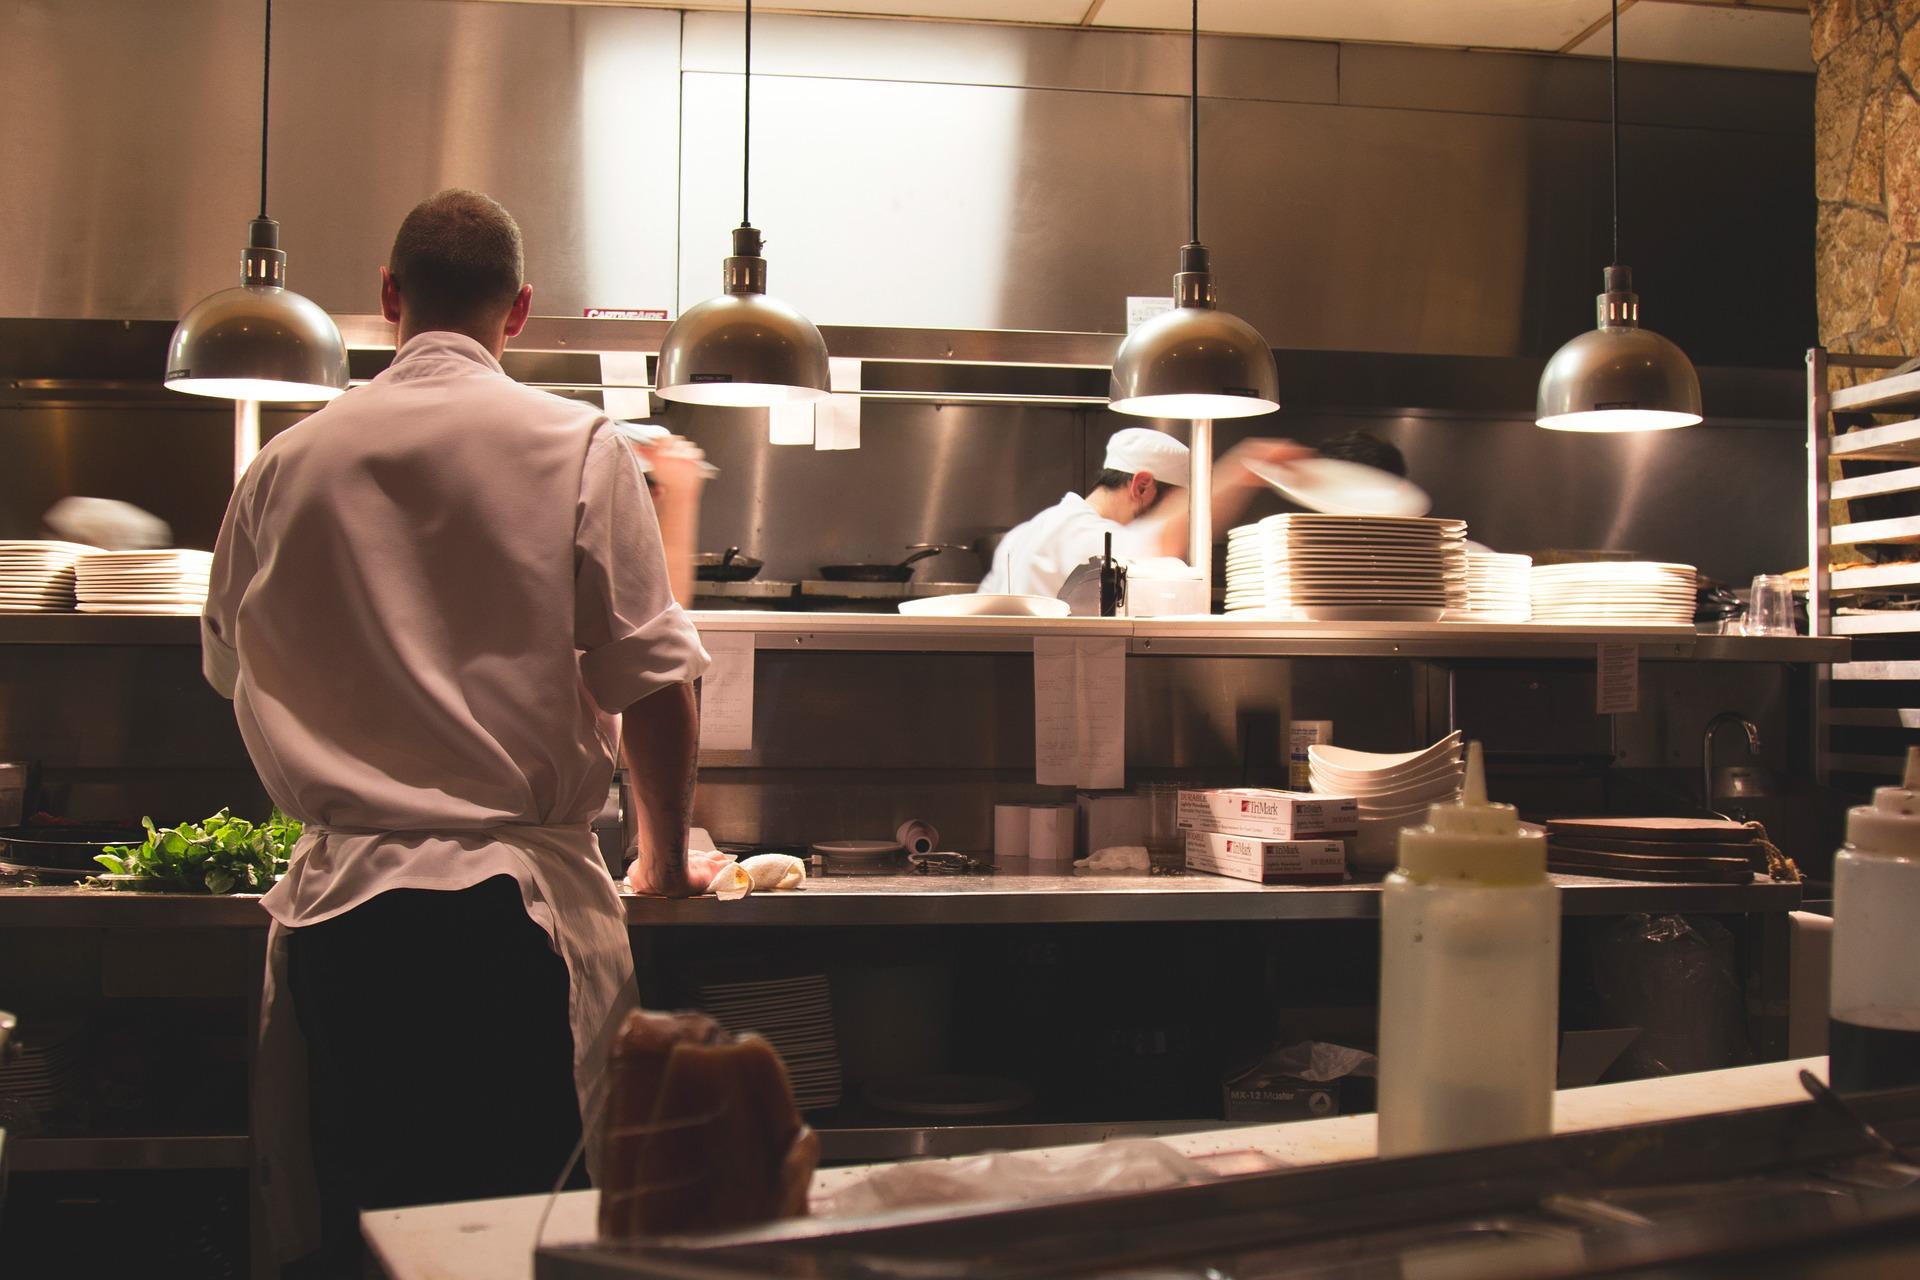 restaurant-2623071_1920.jpg